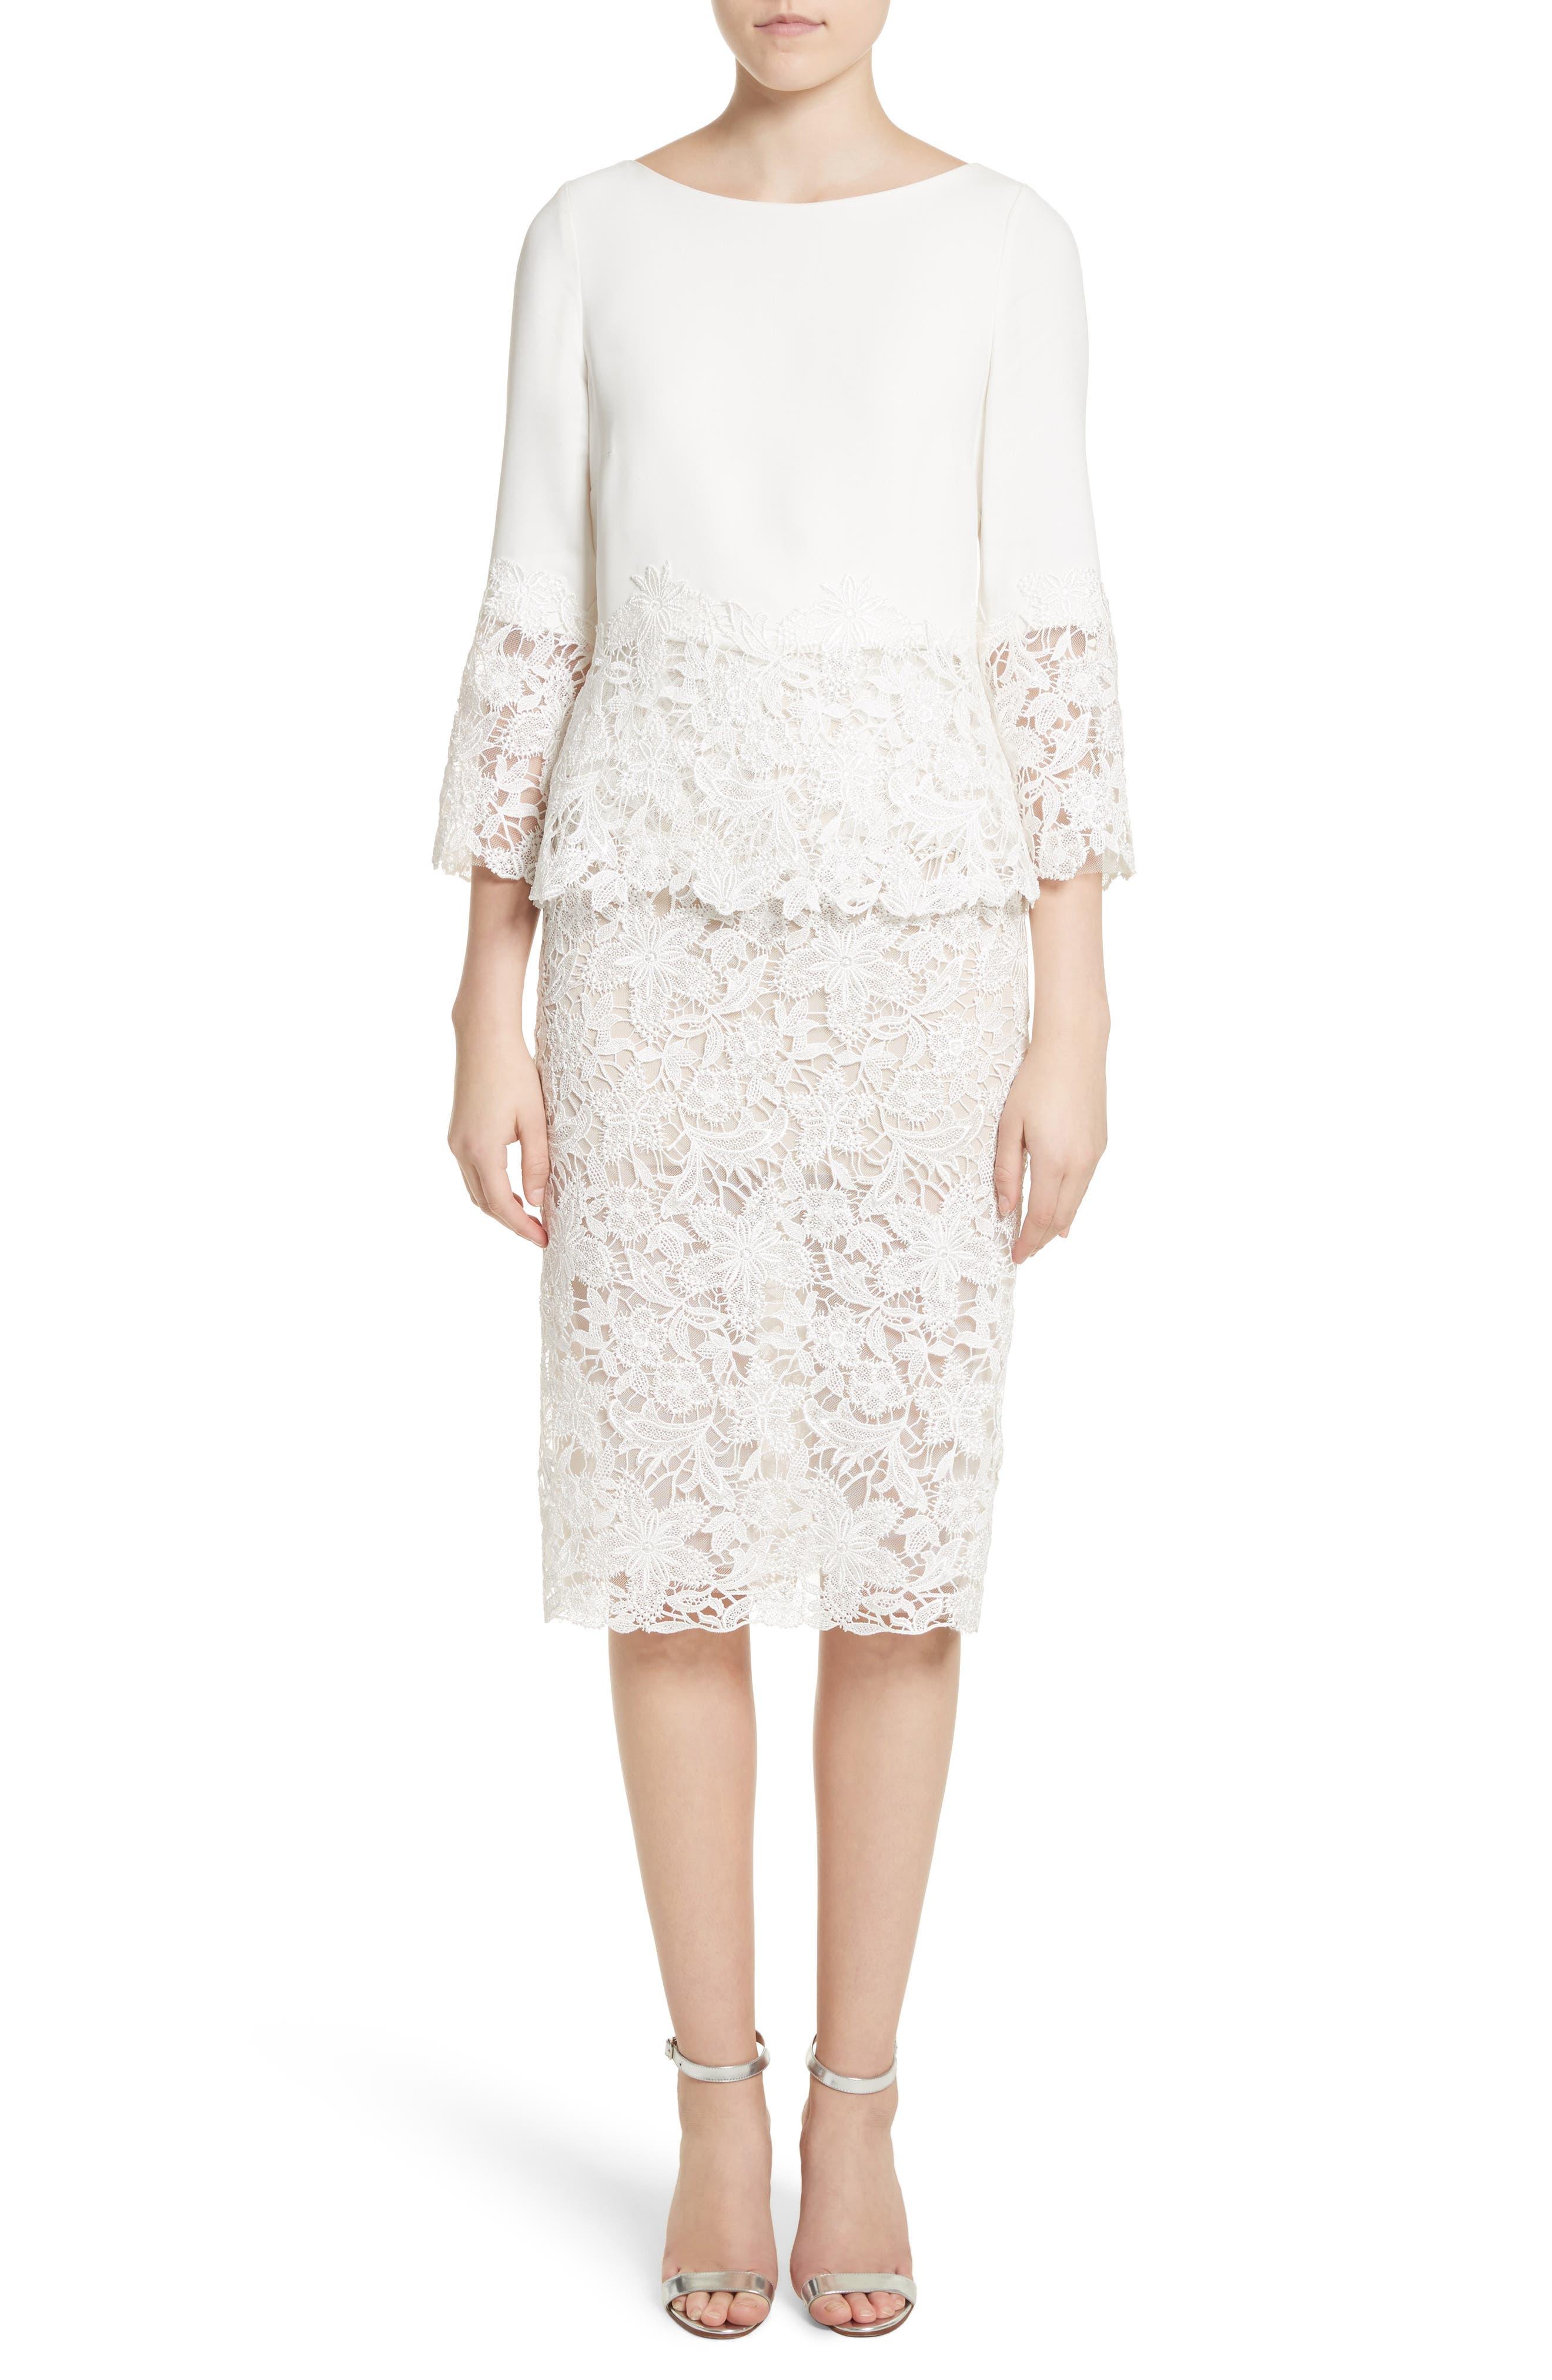 Main Image - Monique Lhuillier Crepe & Lace Top & Pencil Skirt